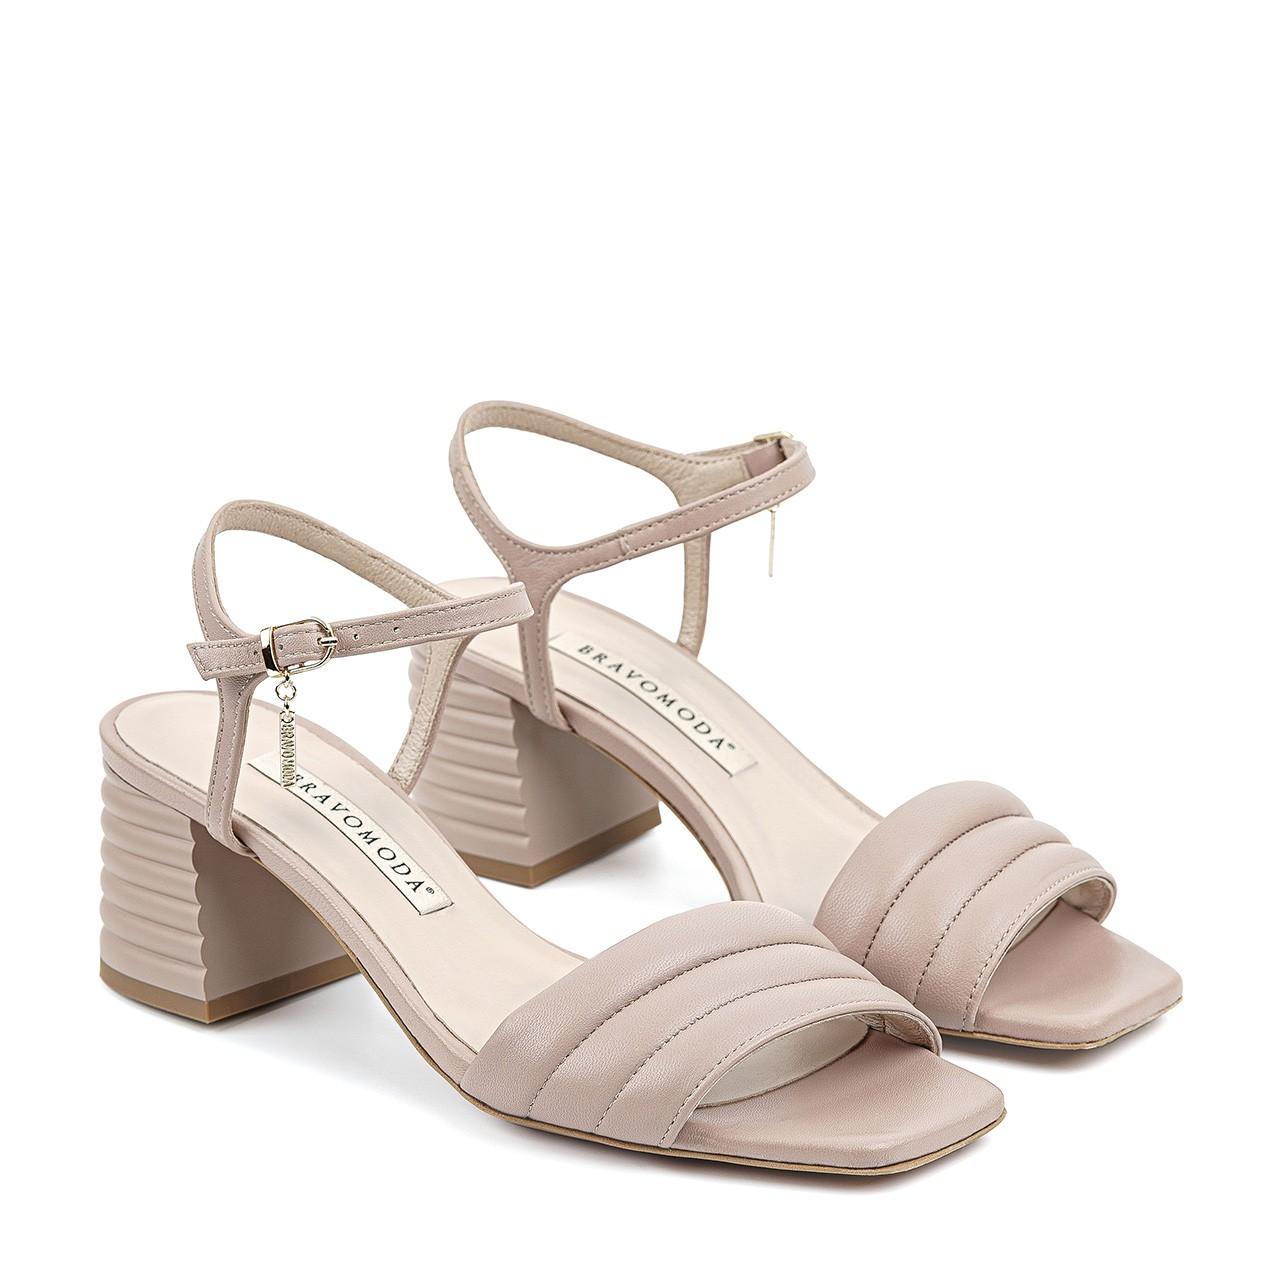 Pudrowo-różowe sandały z przeszyciami